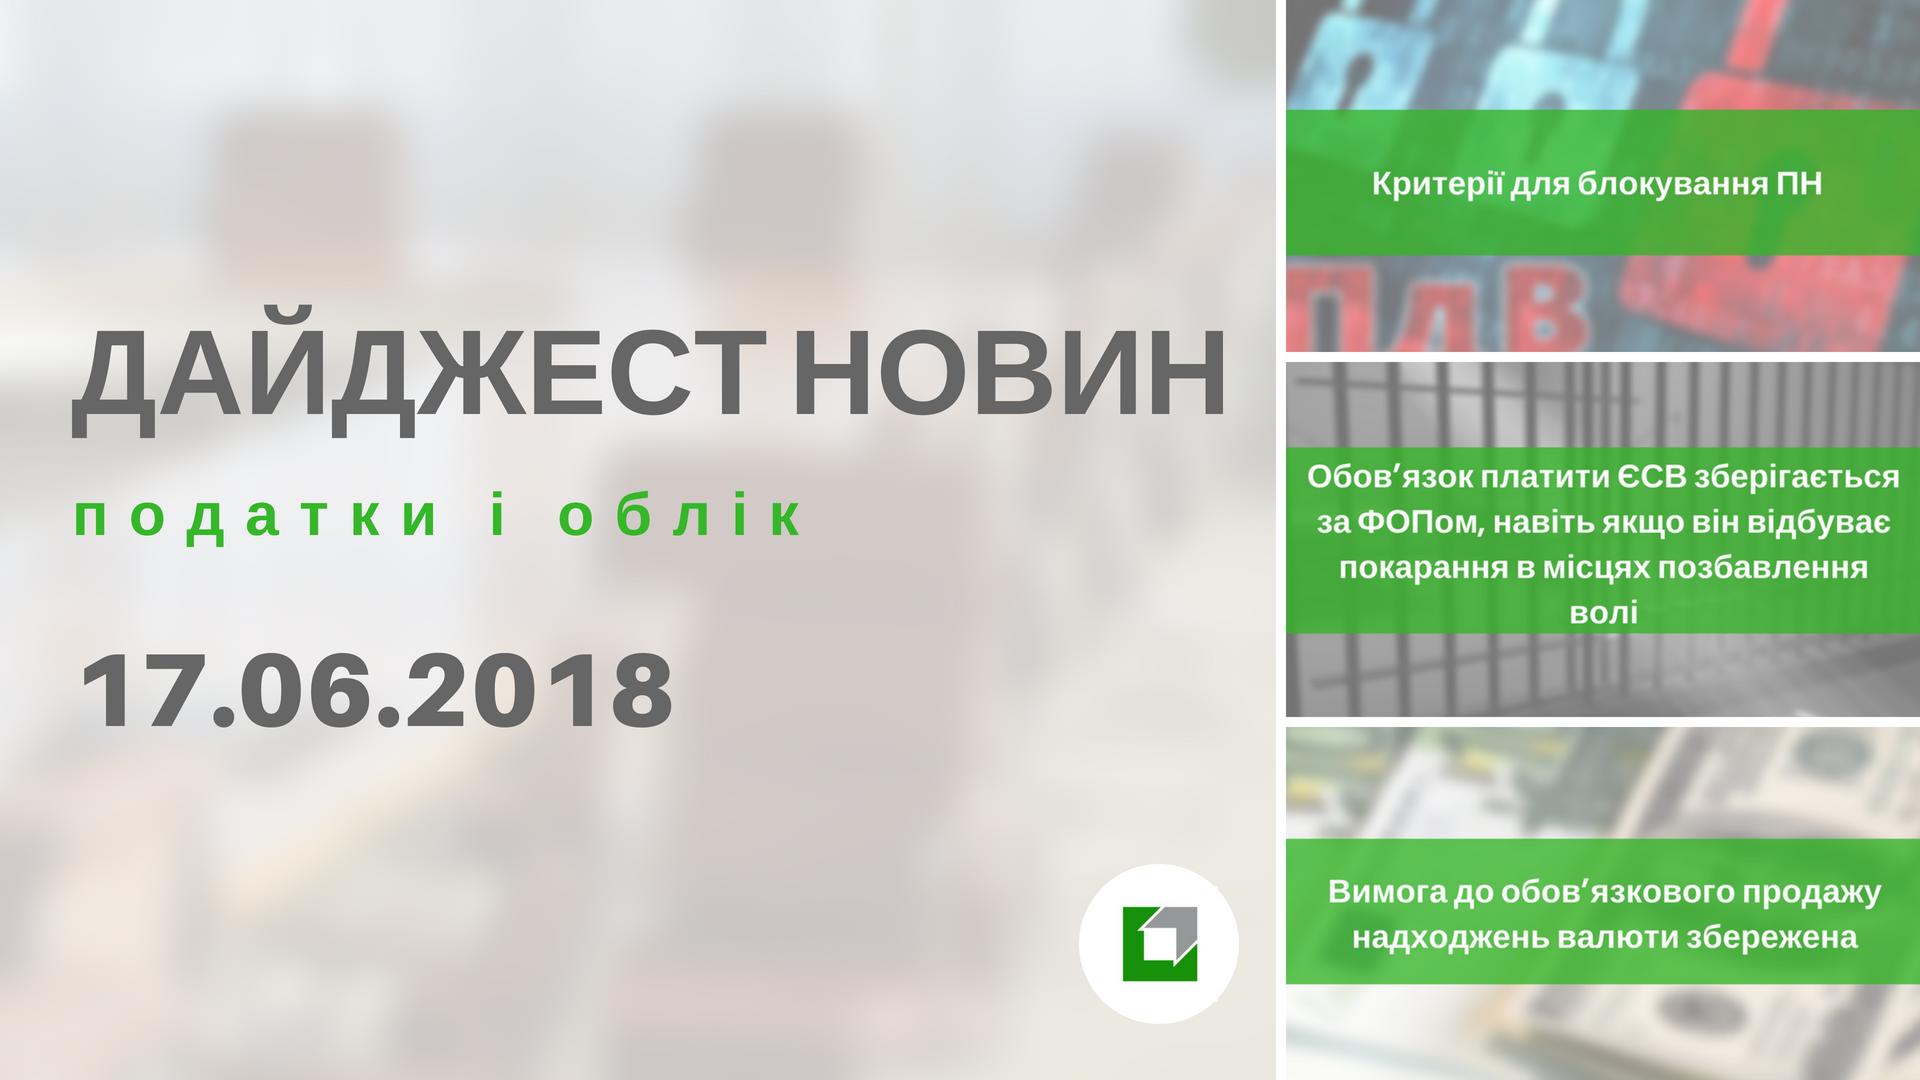 """Дайджест нoвин """"Податки і облік"""" з 11.06.2018 пo 17.06.2018"""